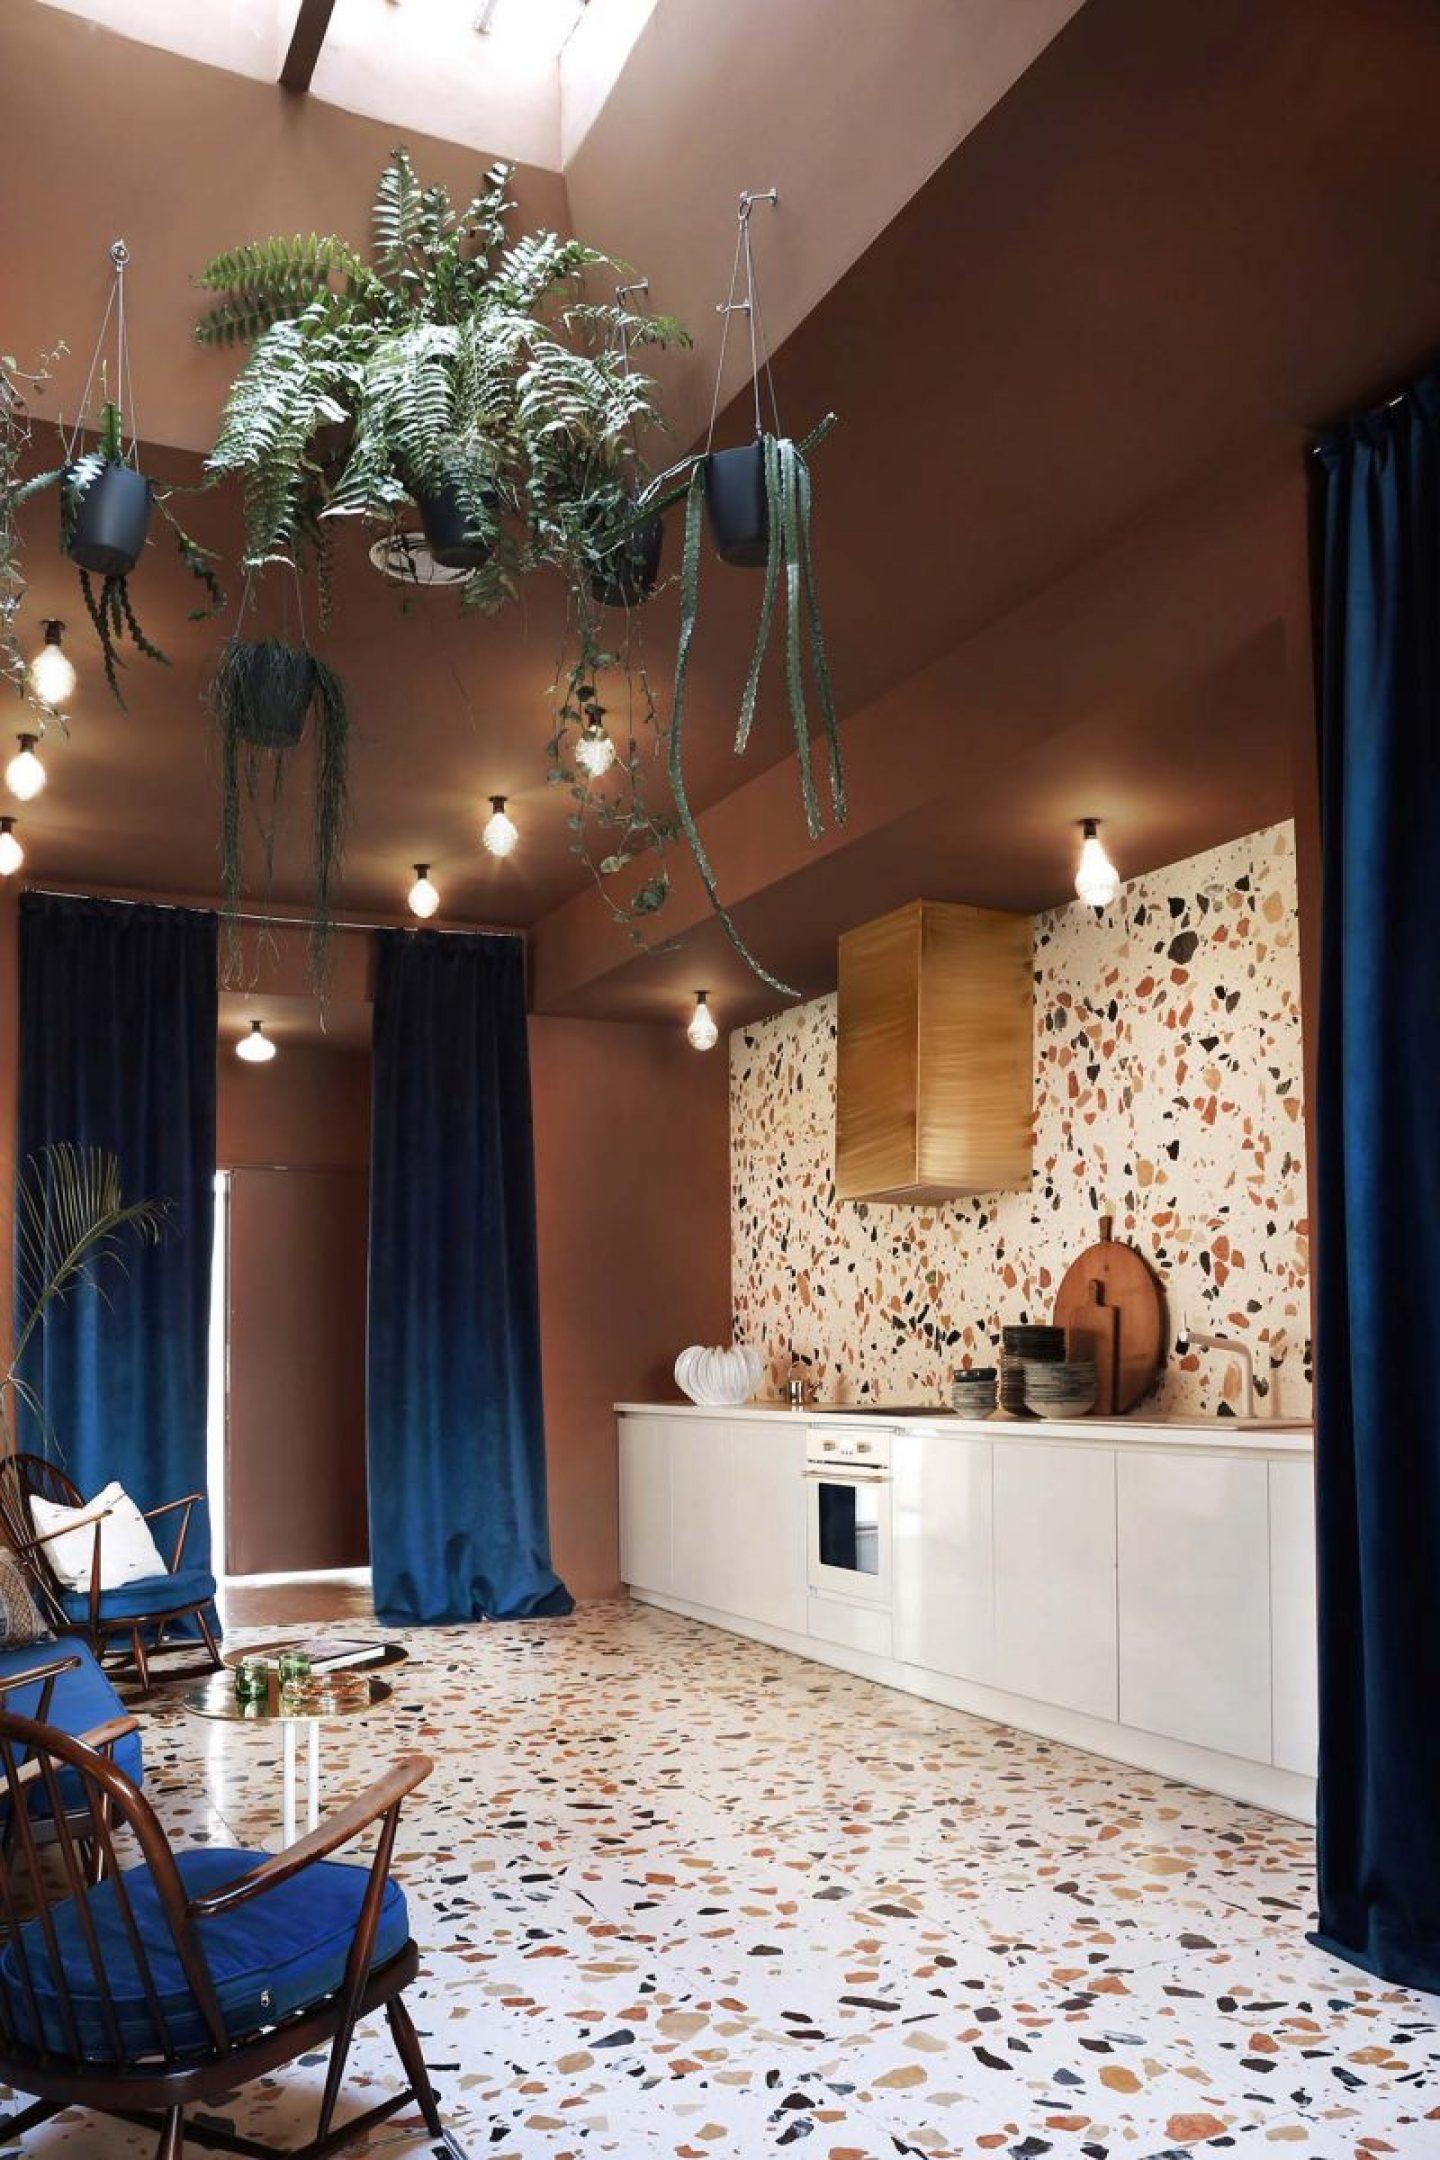 iGNANT_Architecture_Espacio_Nueva_Carolina_Cordero_Atelier_Sara_Uriarte_2